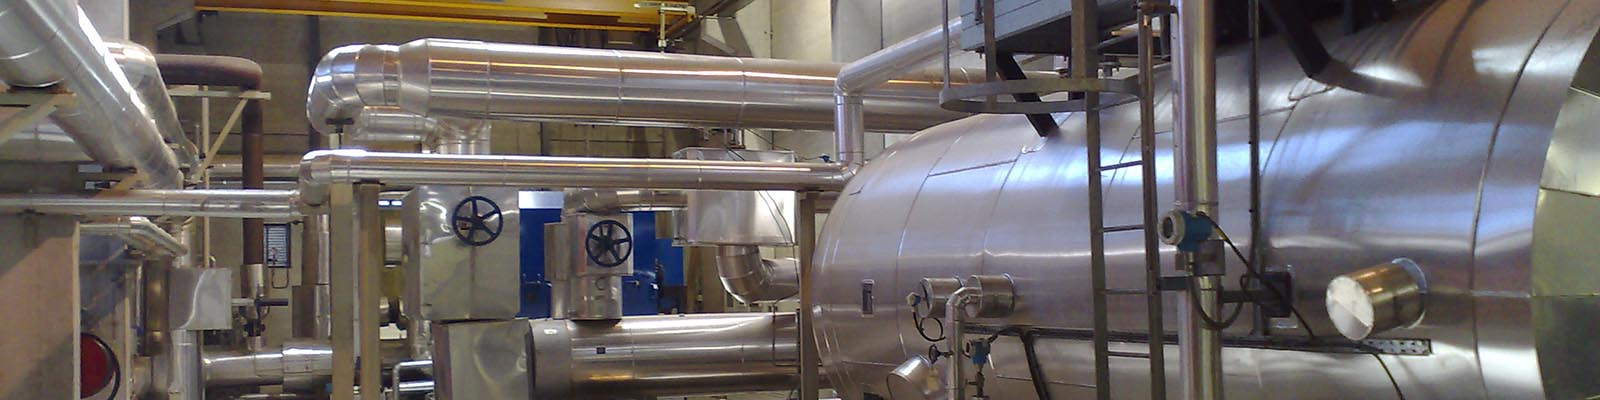 Blei Heizungsbau WärmepumpeIndustrie Kühlwasser Druckluft